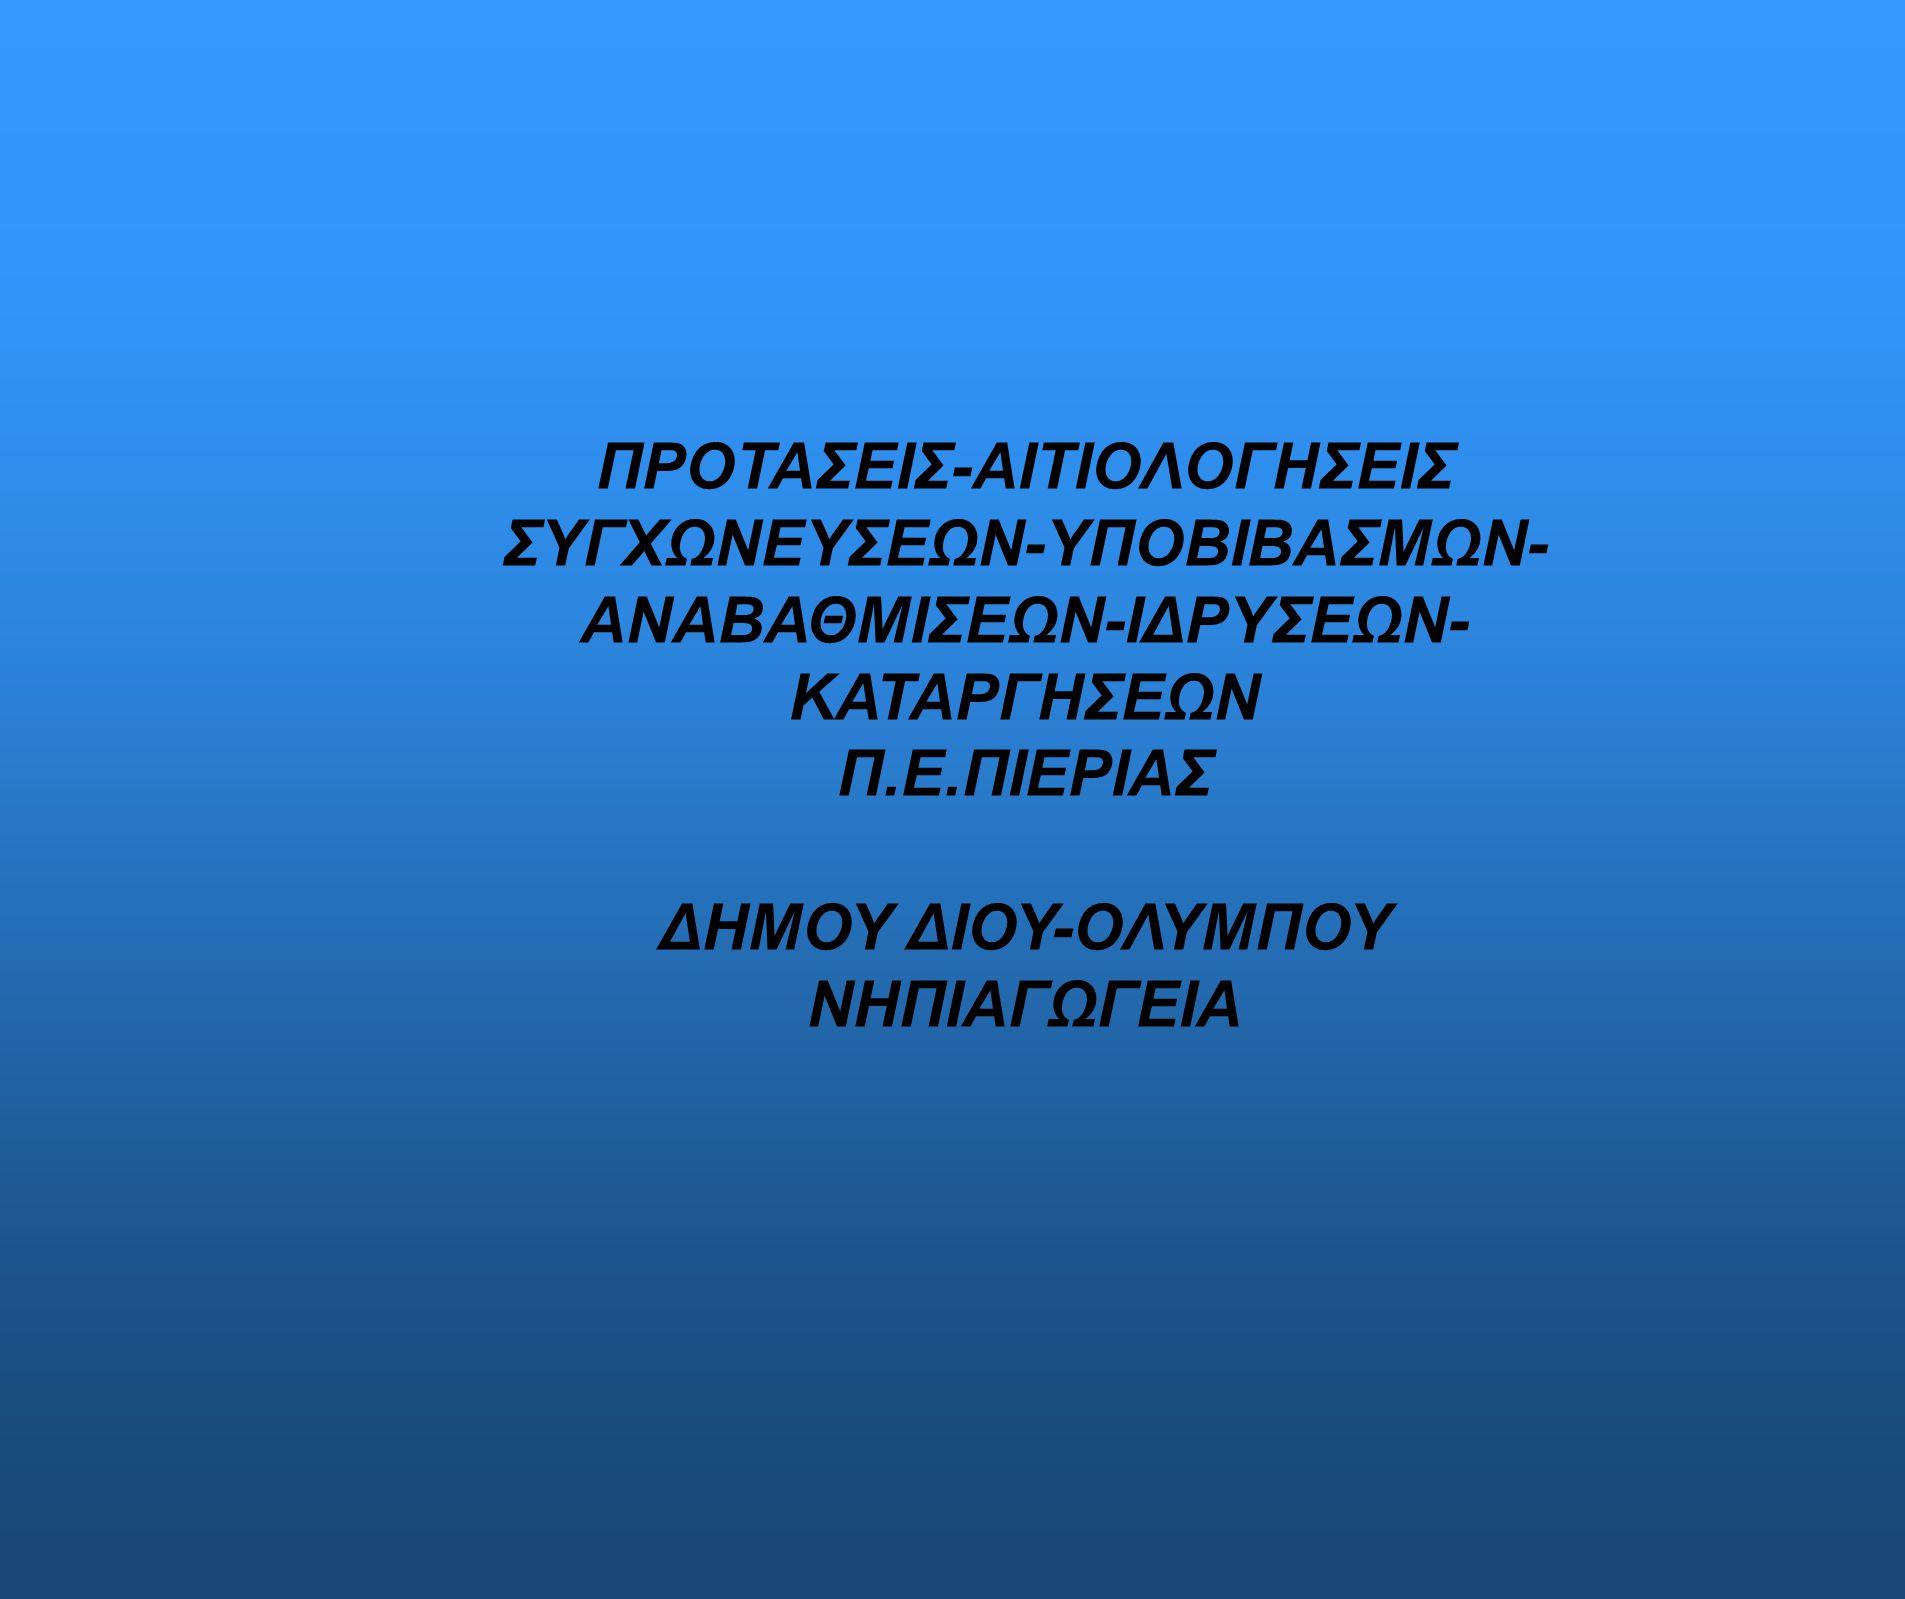 ΠΡΟΤΑΣΕΙΣ-ΑΙΤΙΟΛΟΓΗΣΕΙΣ ΣΥΓΧΩΝΕΥΣΕΩΝ-ΥΠΟΒΙΒΑΣΜΩΝ- ΑΝΑΒΑΘΜΙΣΕΩΝ-ΙΔΡΥΣΕΩΝ- ΚΑΤΑΡΓΗΣΕΩΝ Π.Ε.ΠΙΕΡΙΑΣ ΔΗΜΟΥ ΔΙΟΥ-ΟΛΥΜΠΟΥ ΝΗΠΙΑΓΩΓΕΙΑ